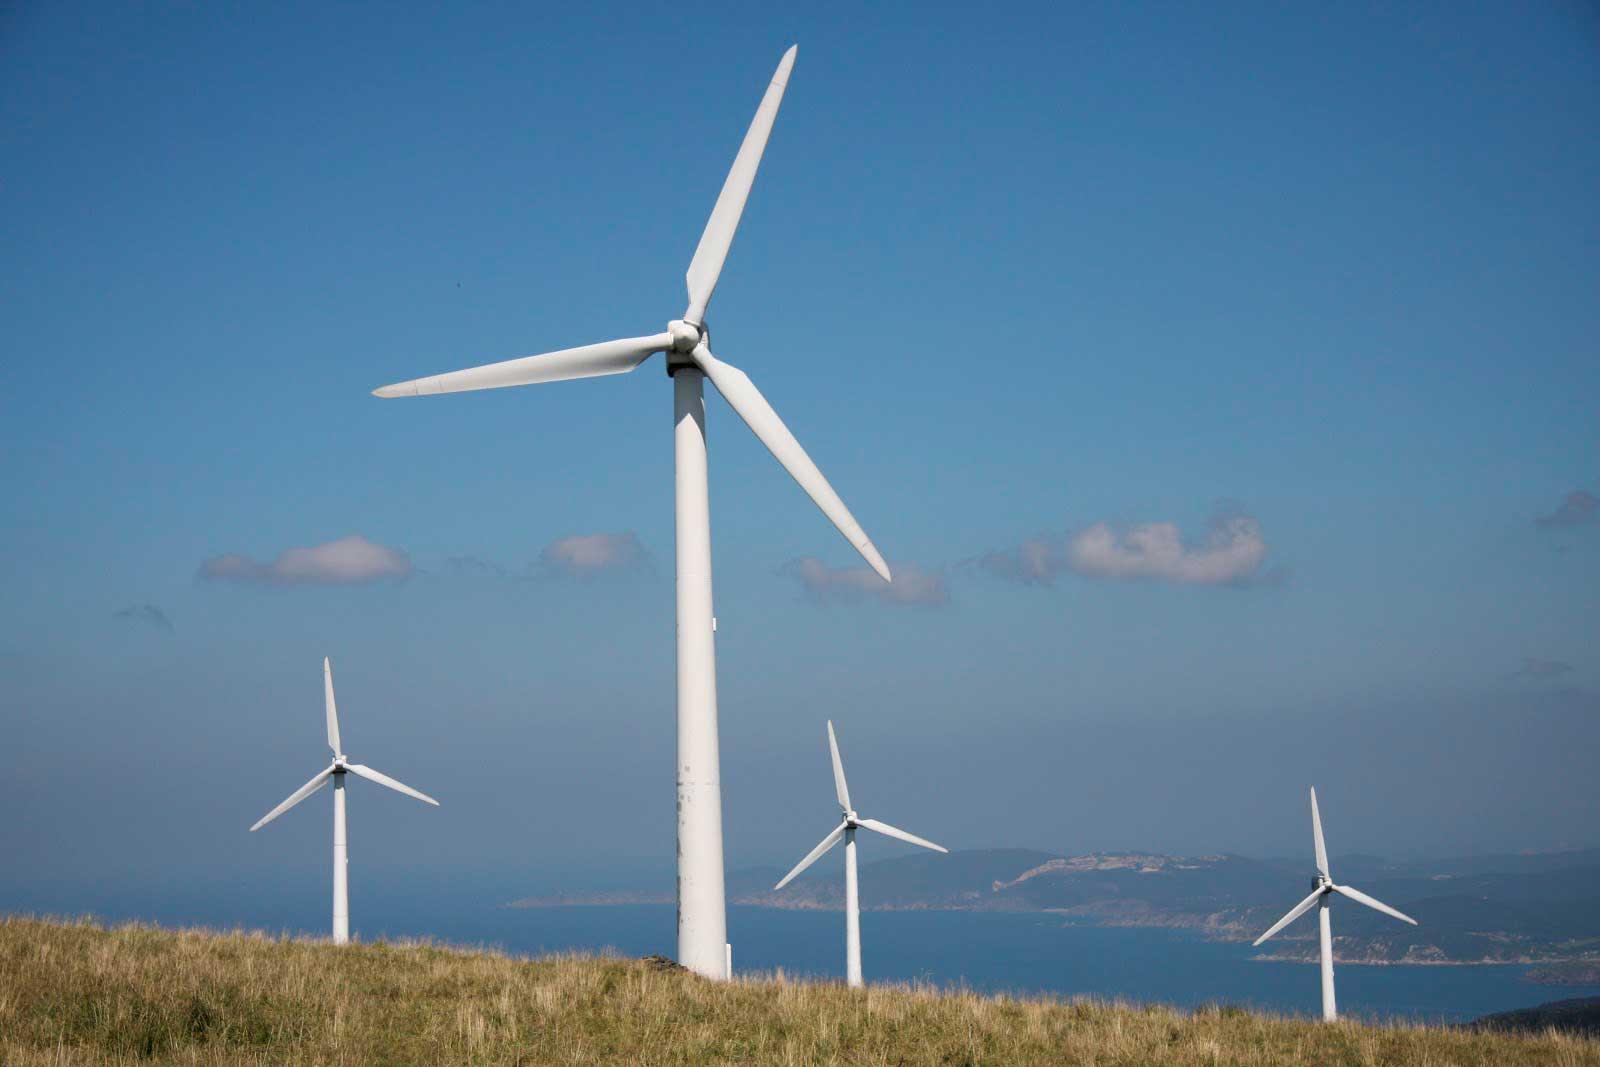 Portugal pondrá en funcionamiento parque eólico flotante de 25 megavatios